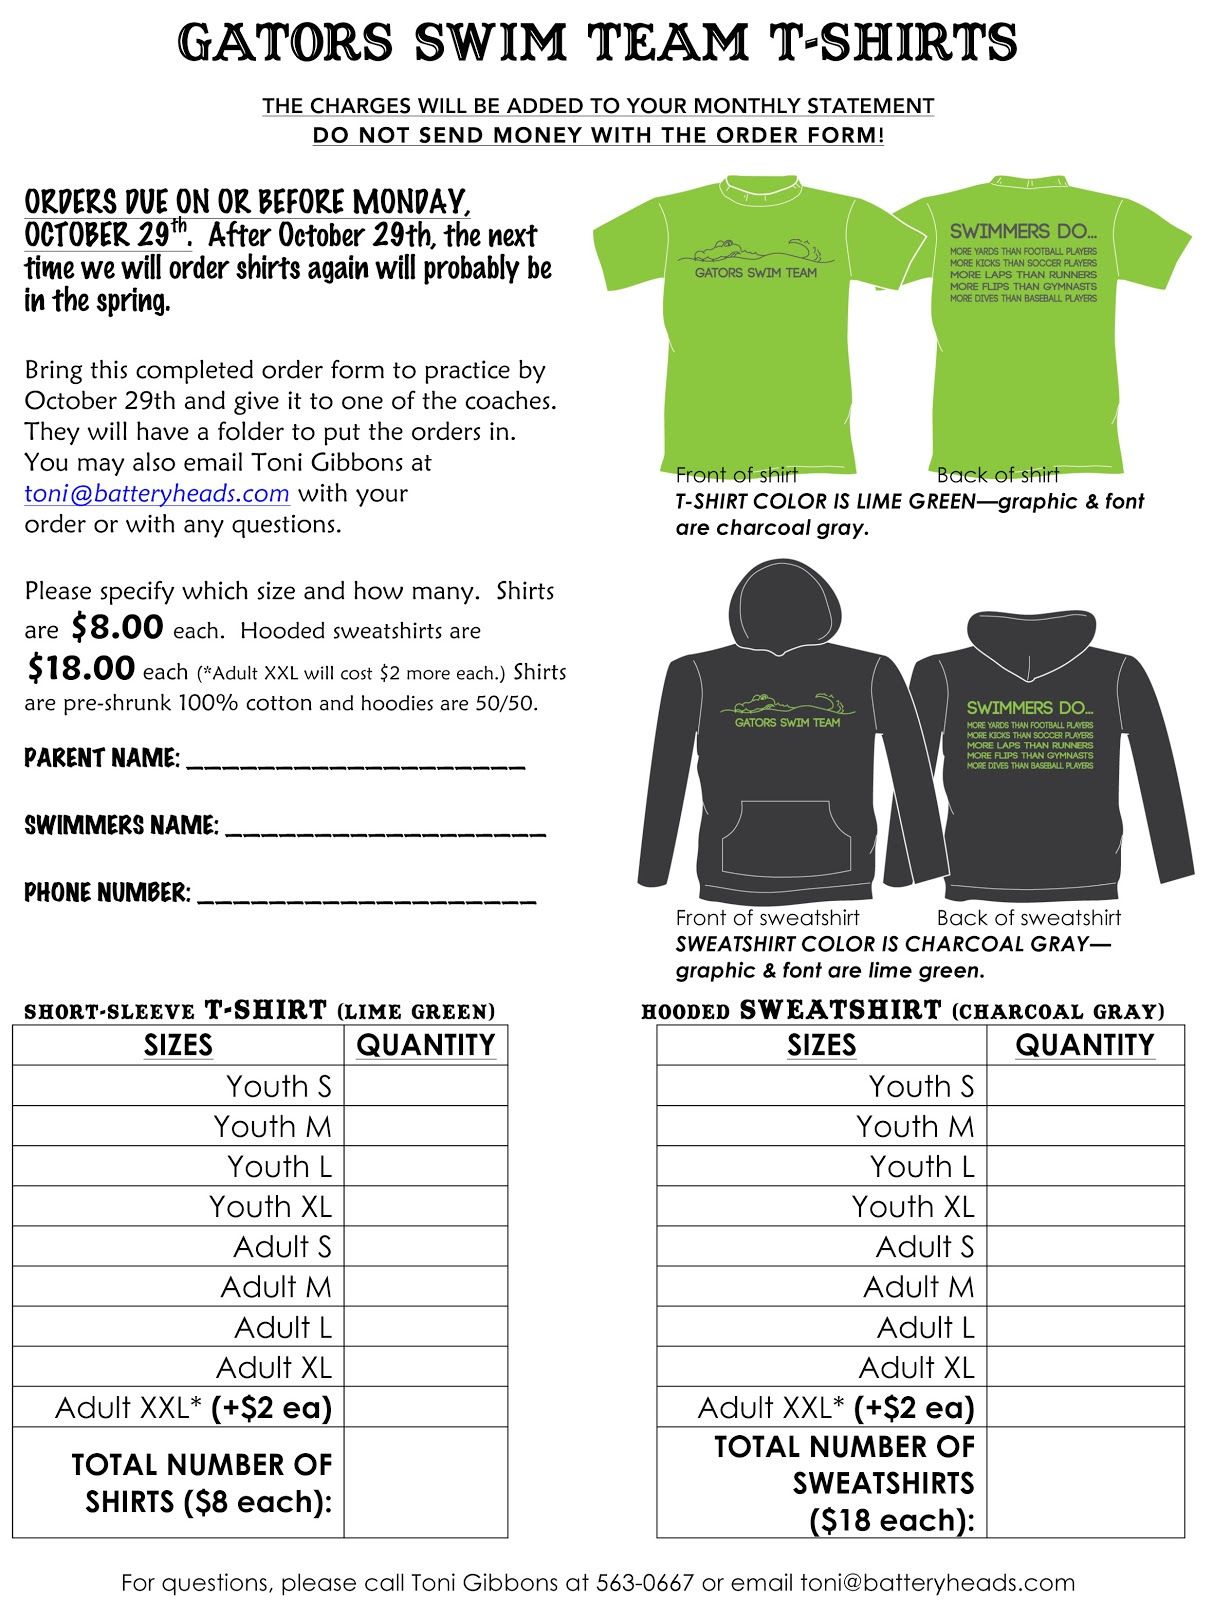 t shirt fundraiser flyer templates – T Shirt Order Form